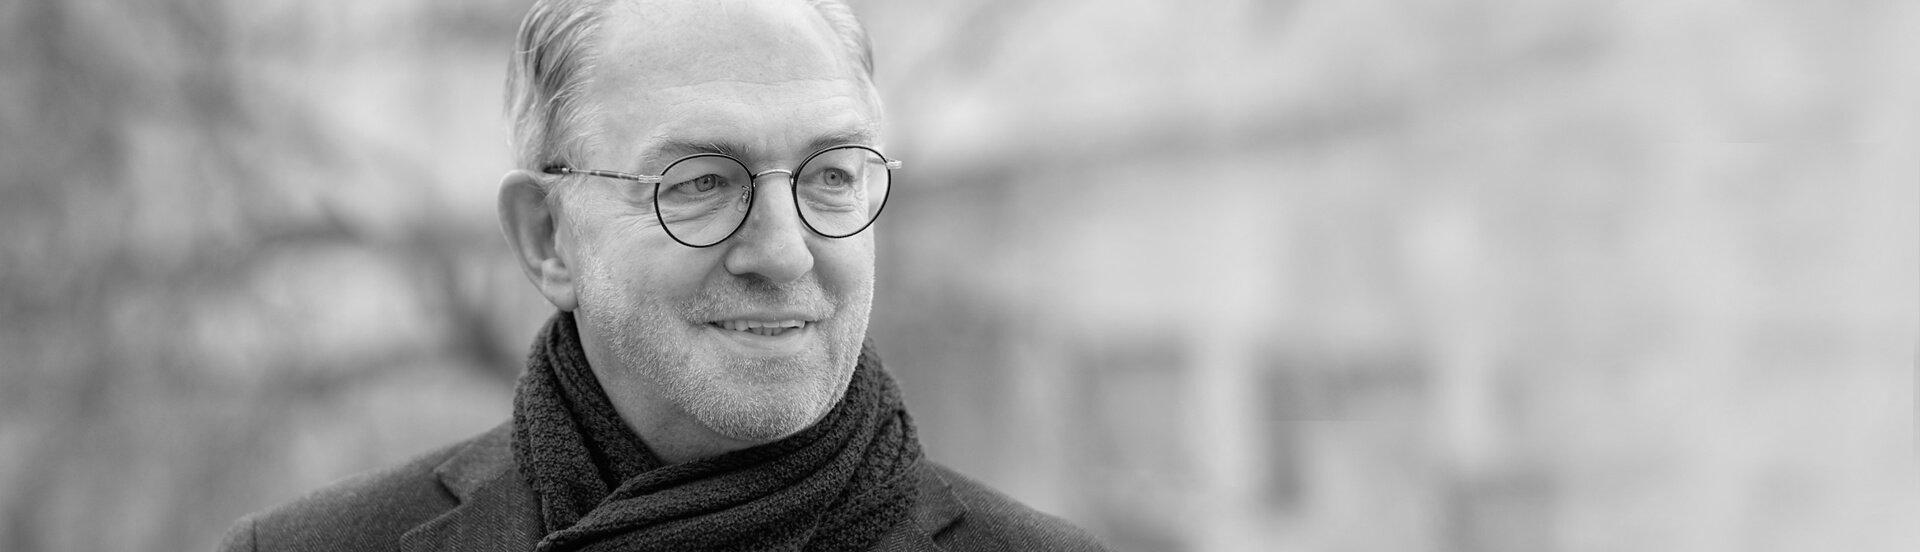 Organist Wolfgang Sauseng